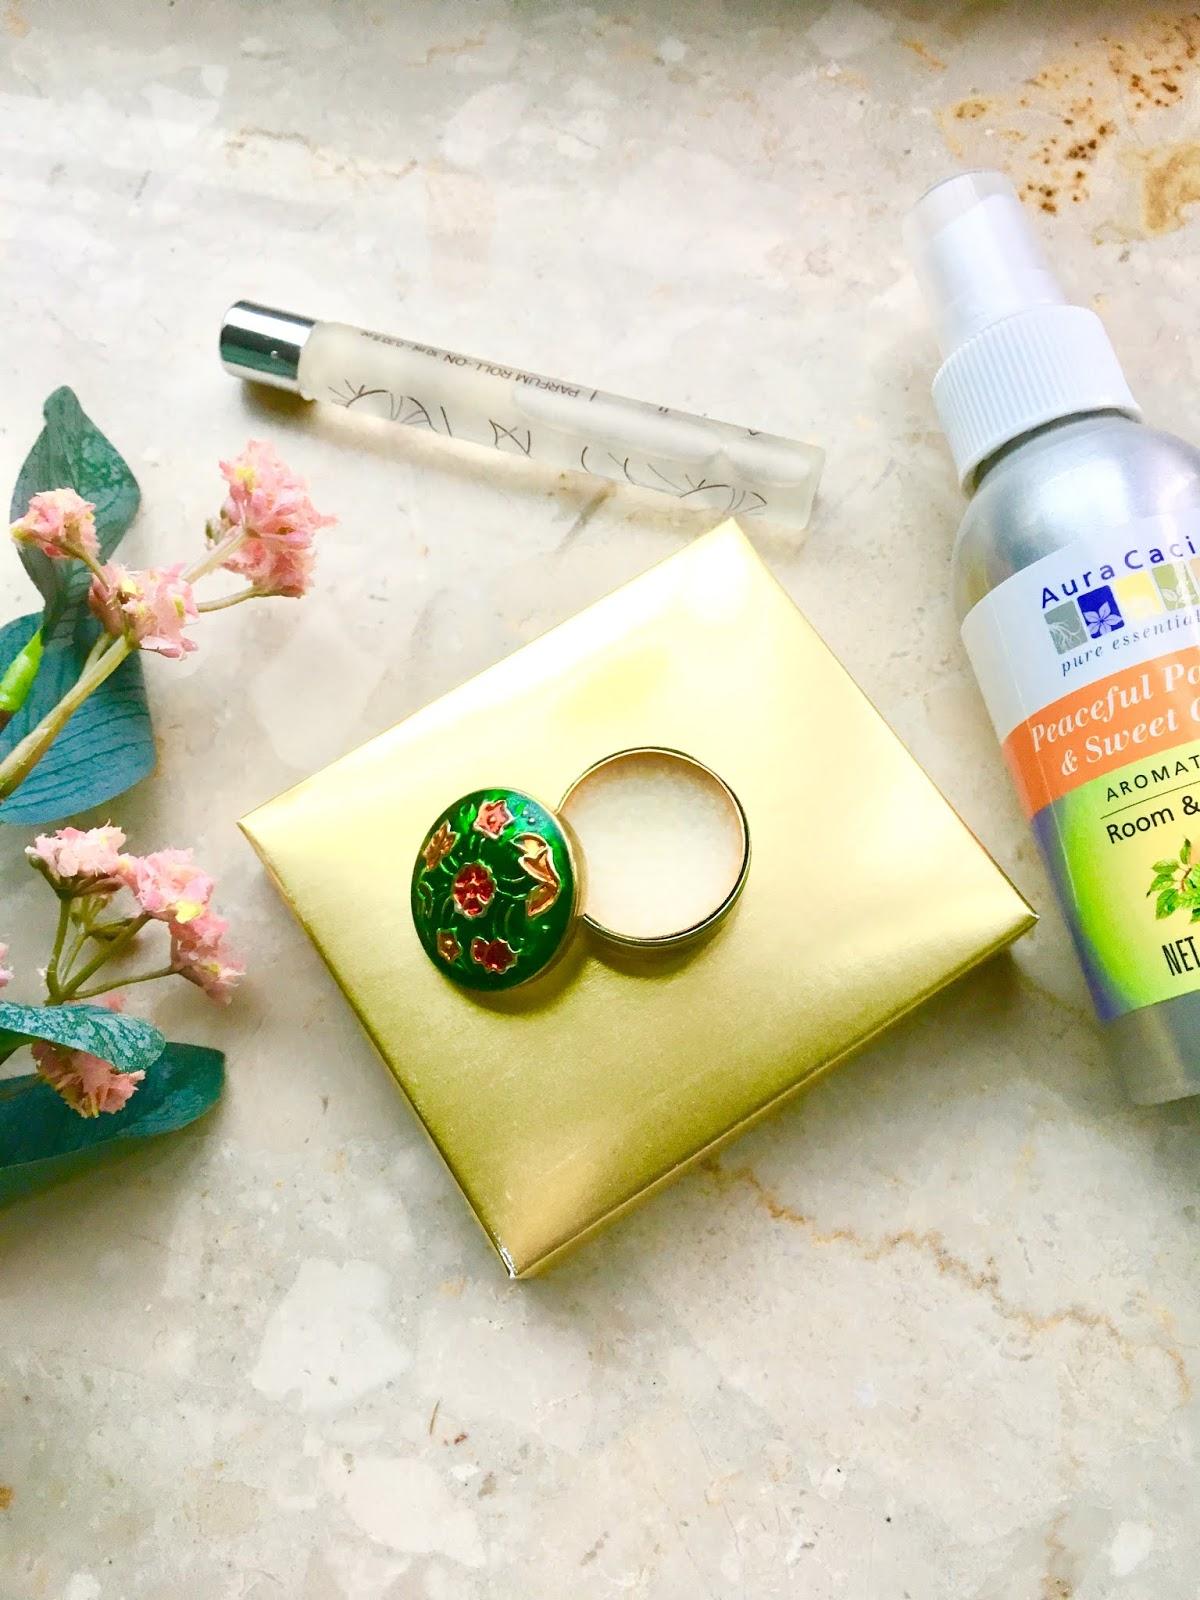 Natural Eau de parfum